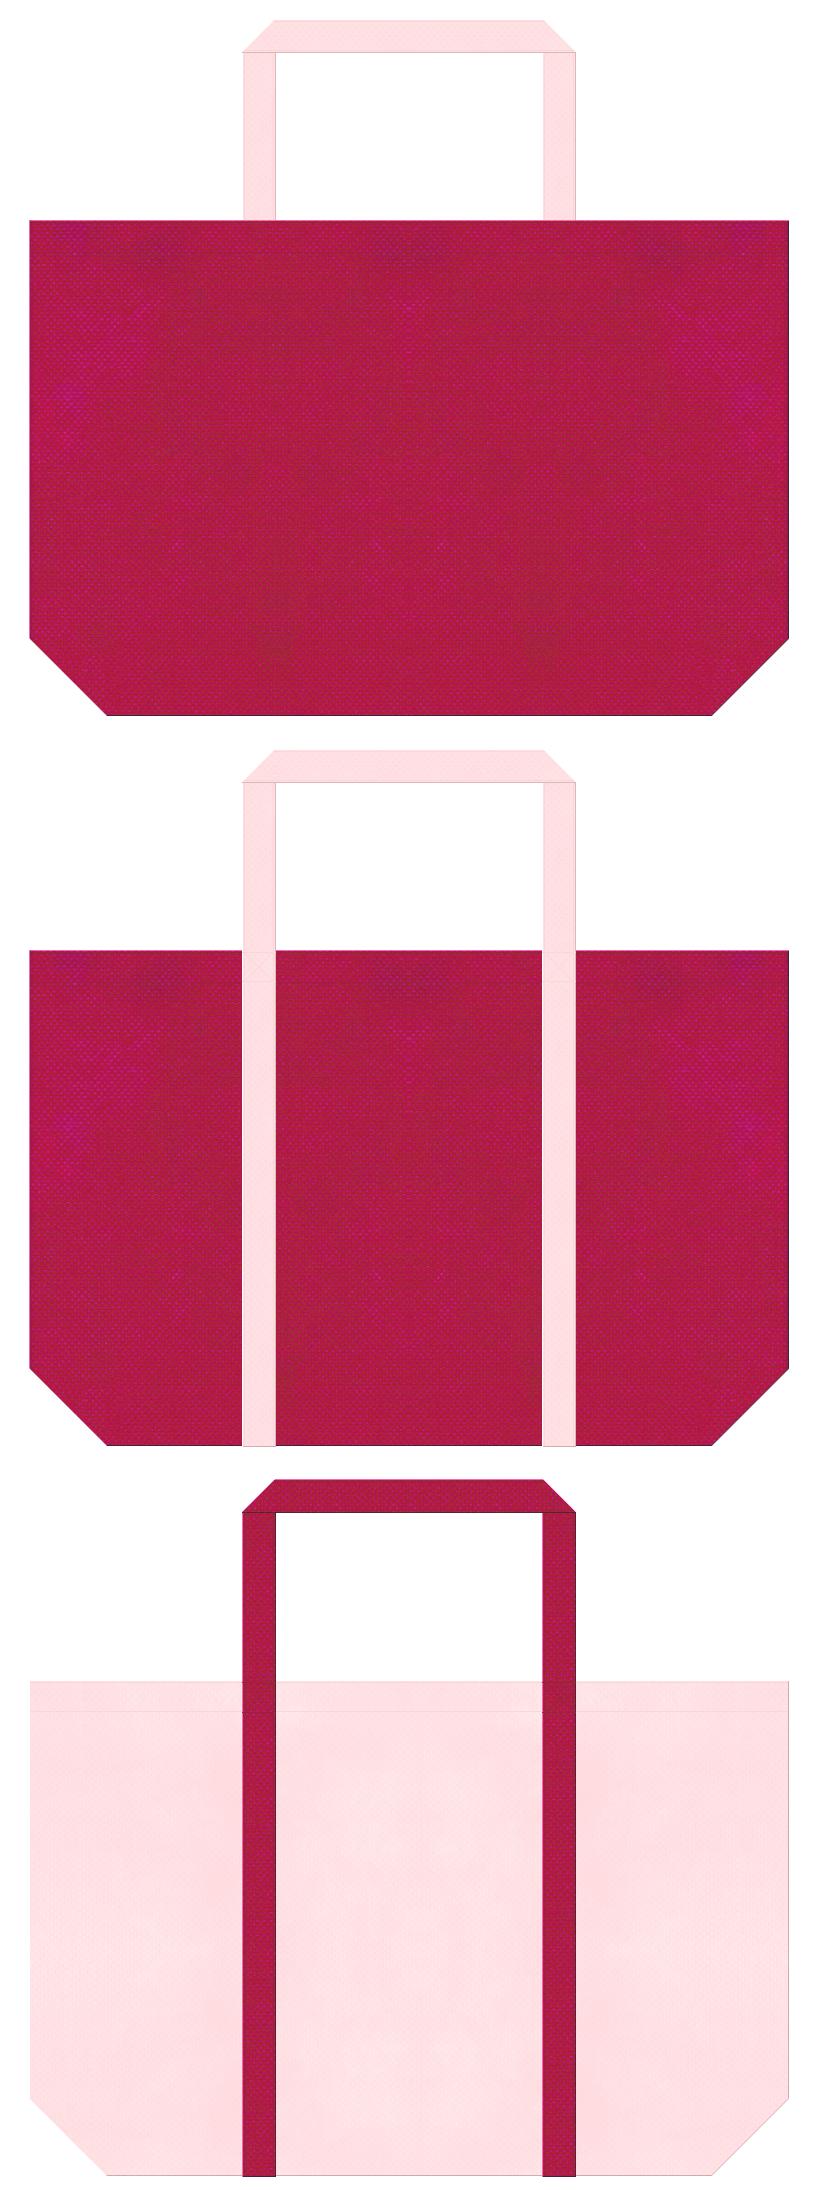 病院・医療施設・看護士研修・アニメ・ゲーム・テーマパーク・マーメイド・桜・イチゴミルク・プリンセス・ハート・キャンディー・ドリーミー・ファンシー・ひな祭り・母の日・お正月・福袋・ガーリーデザインのショッピングバッグにお奨めの不織布バッグデザイン:濃いピンク色と桜色のコーデ